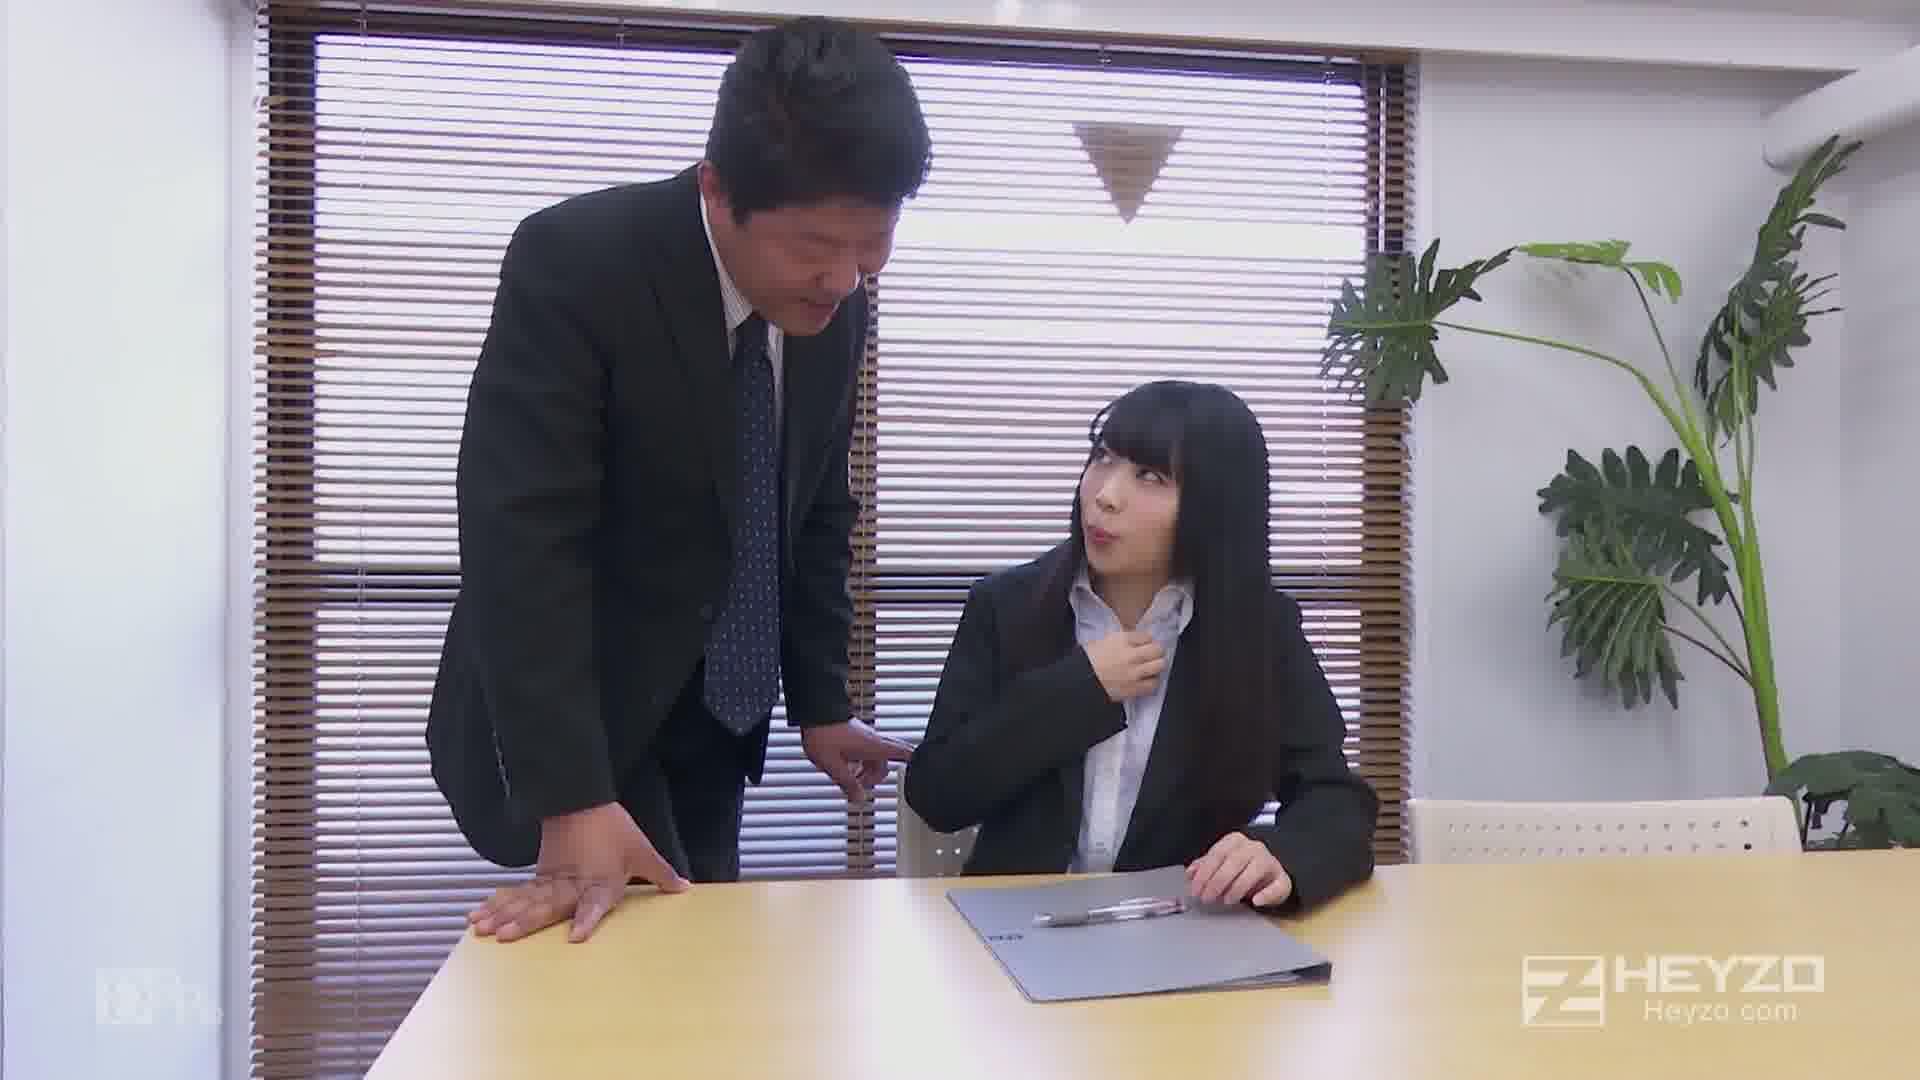 私、正社員になるために性社員になりました 前編 - 綾瀬ゆい【セクハラ ストッキング破り】